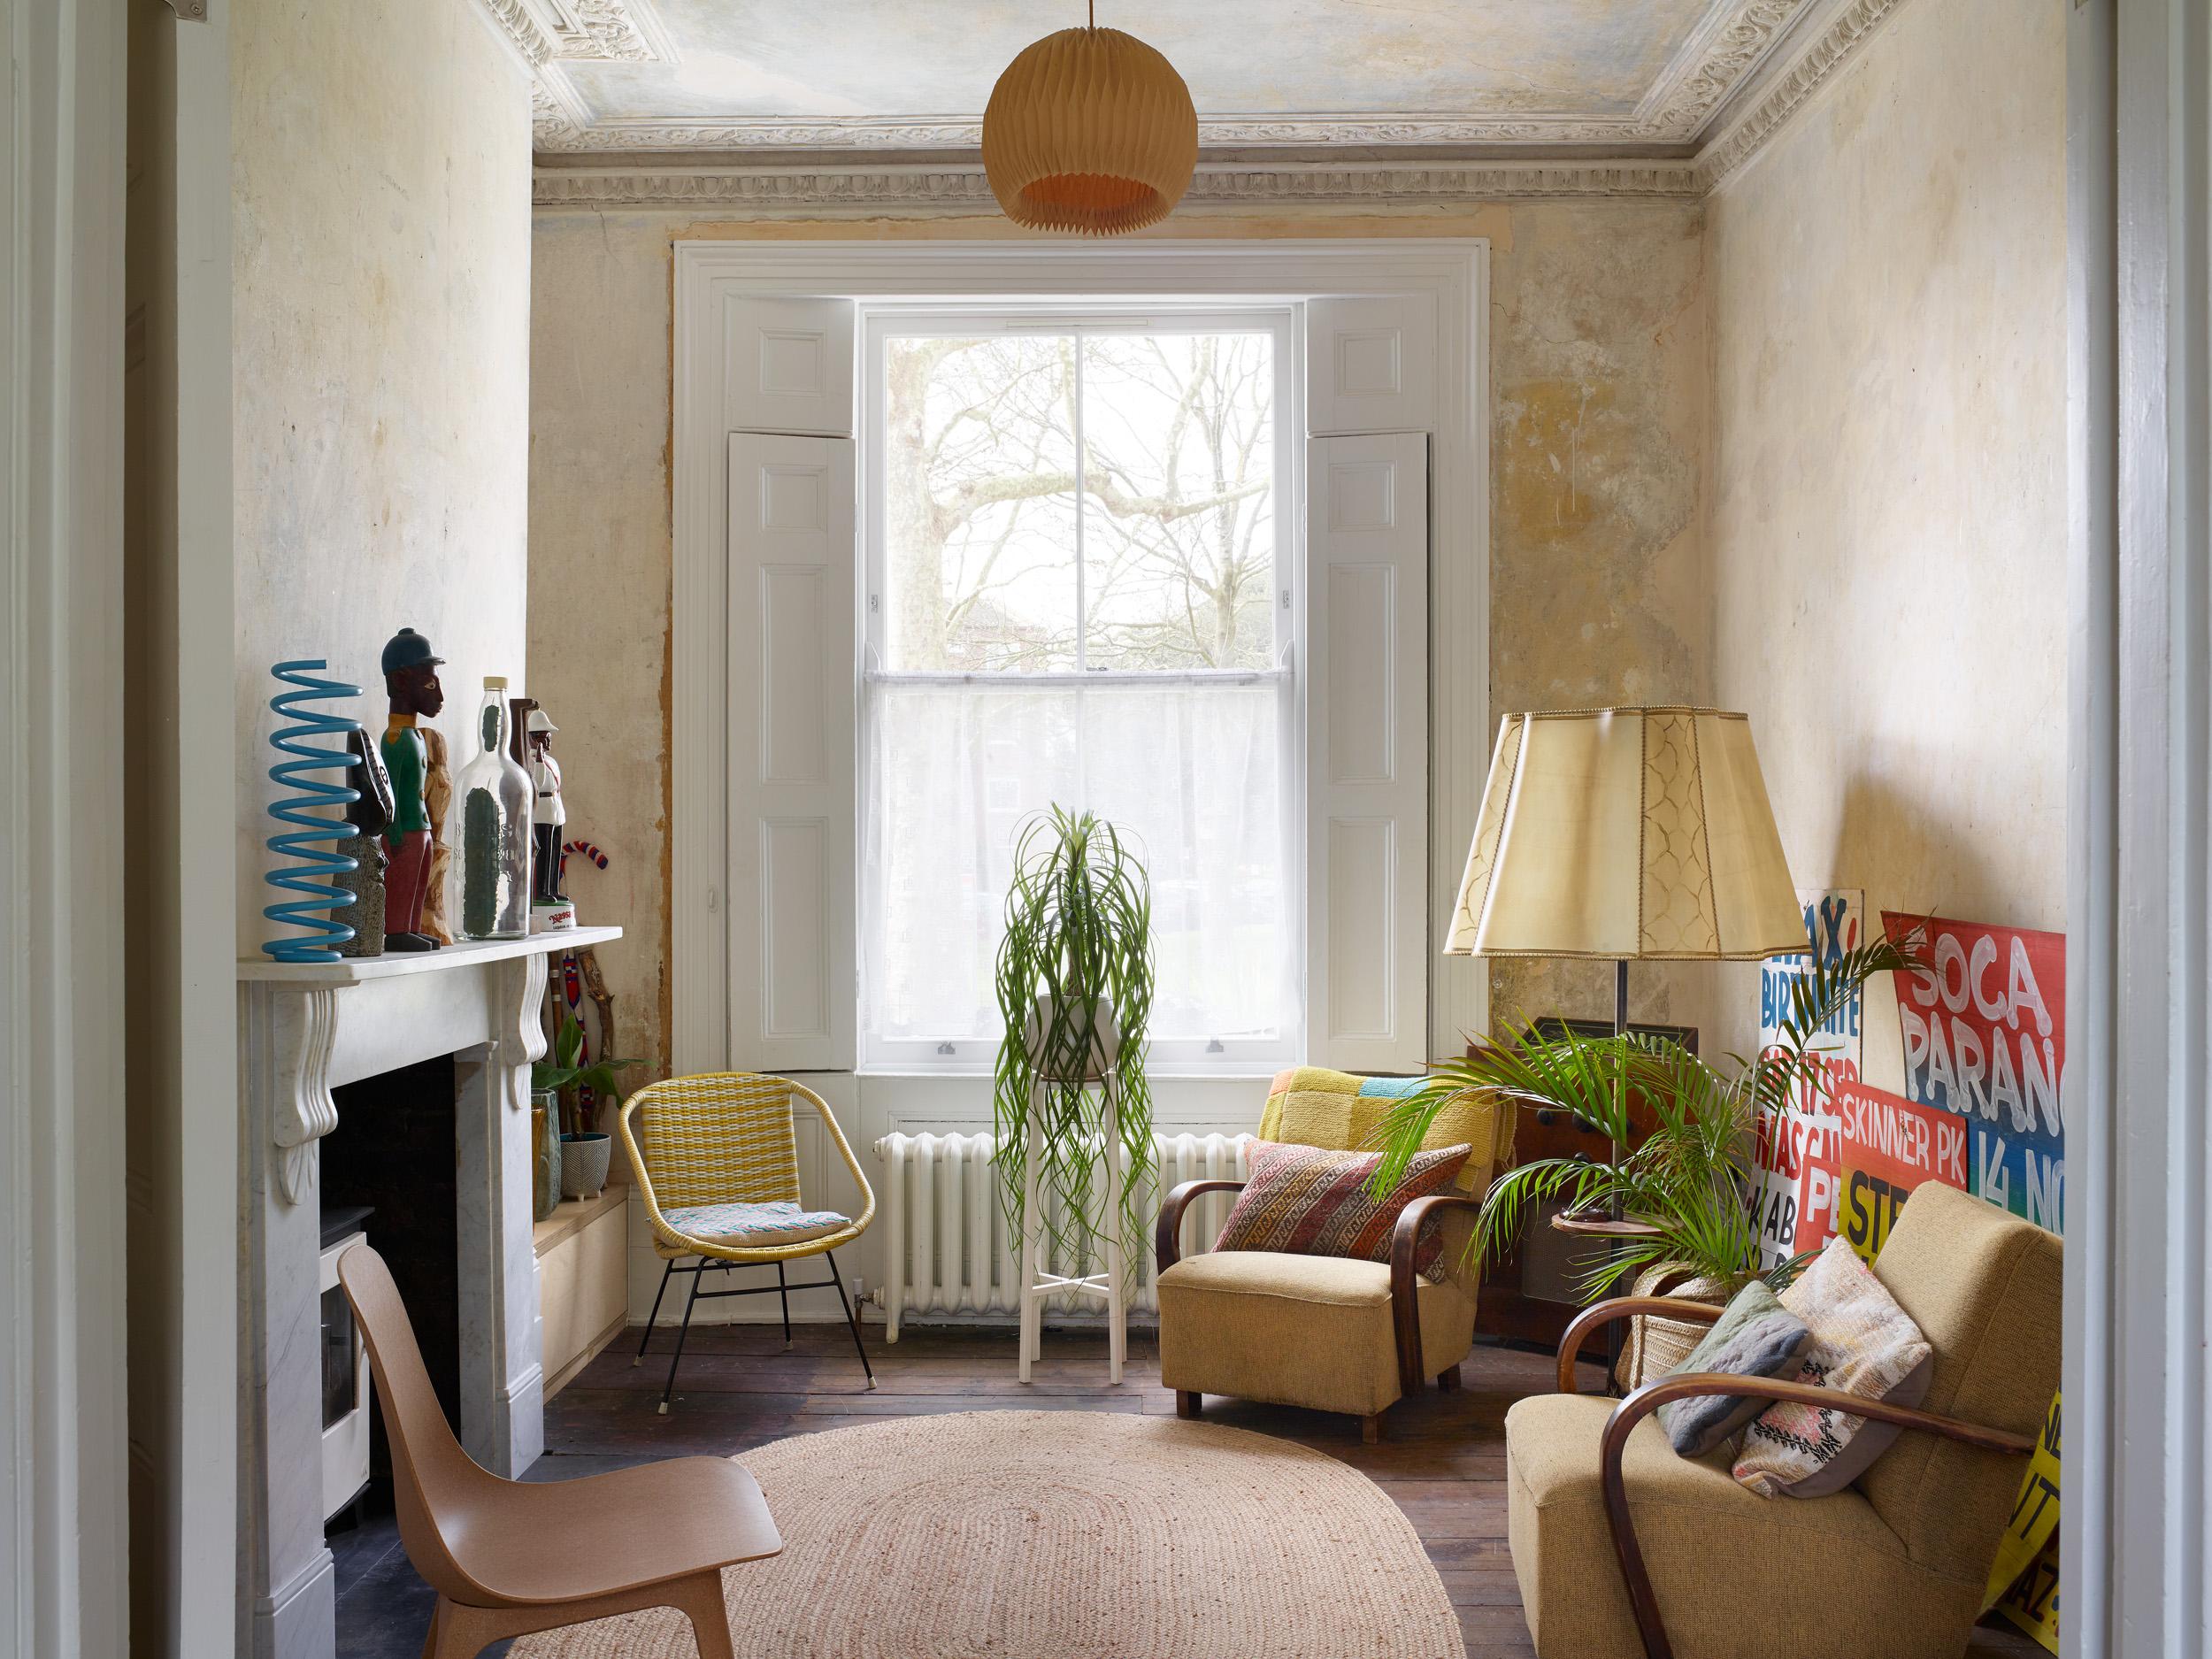 rachael-smith-interiors-14122019-012